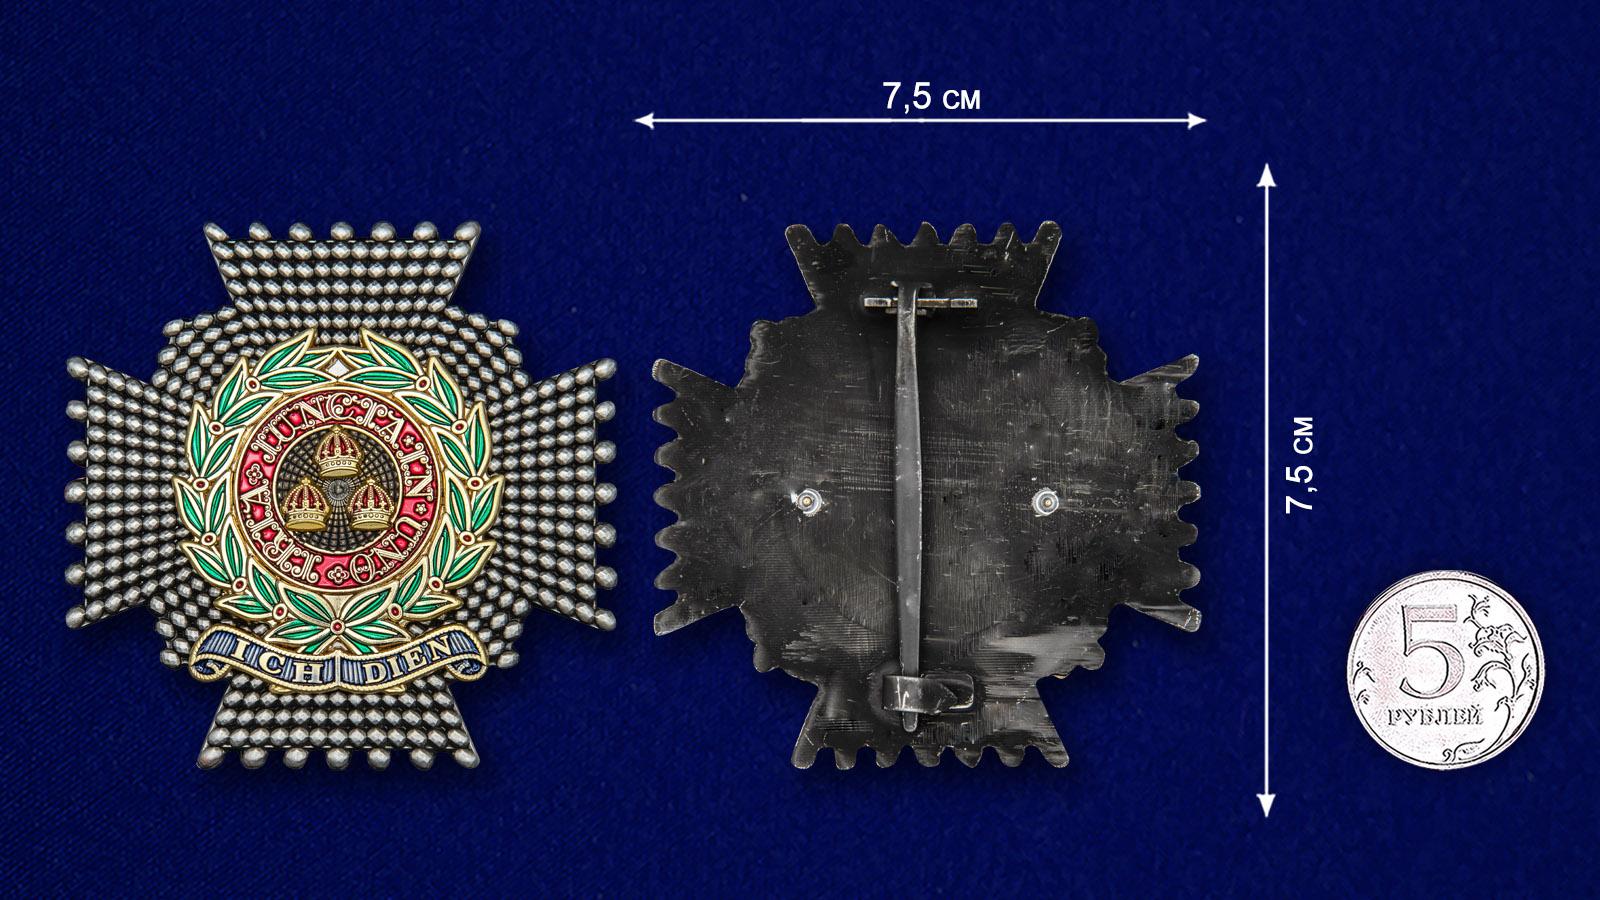 Орден Бани (Звезда Рыцаря-Командора) - размер